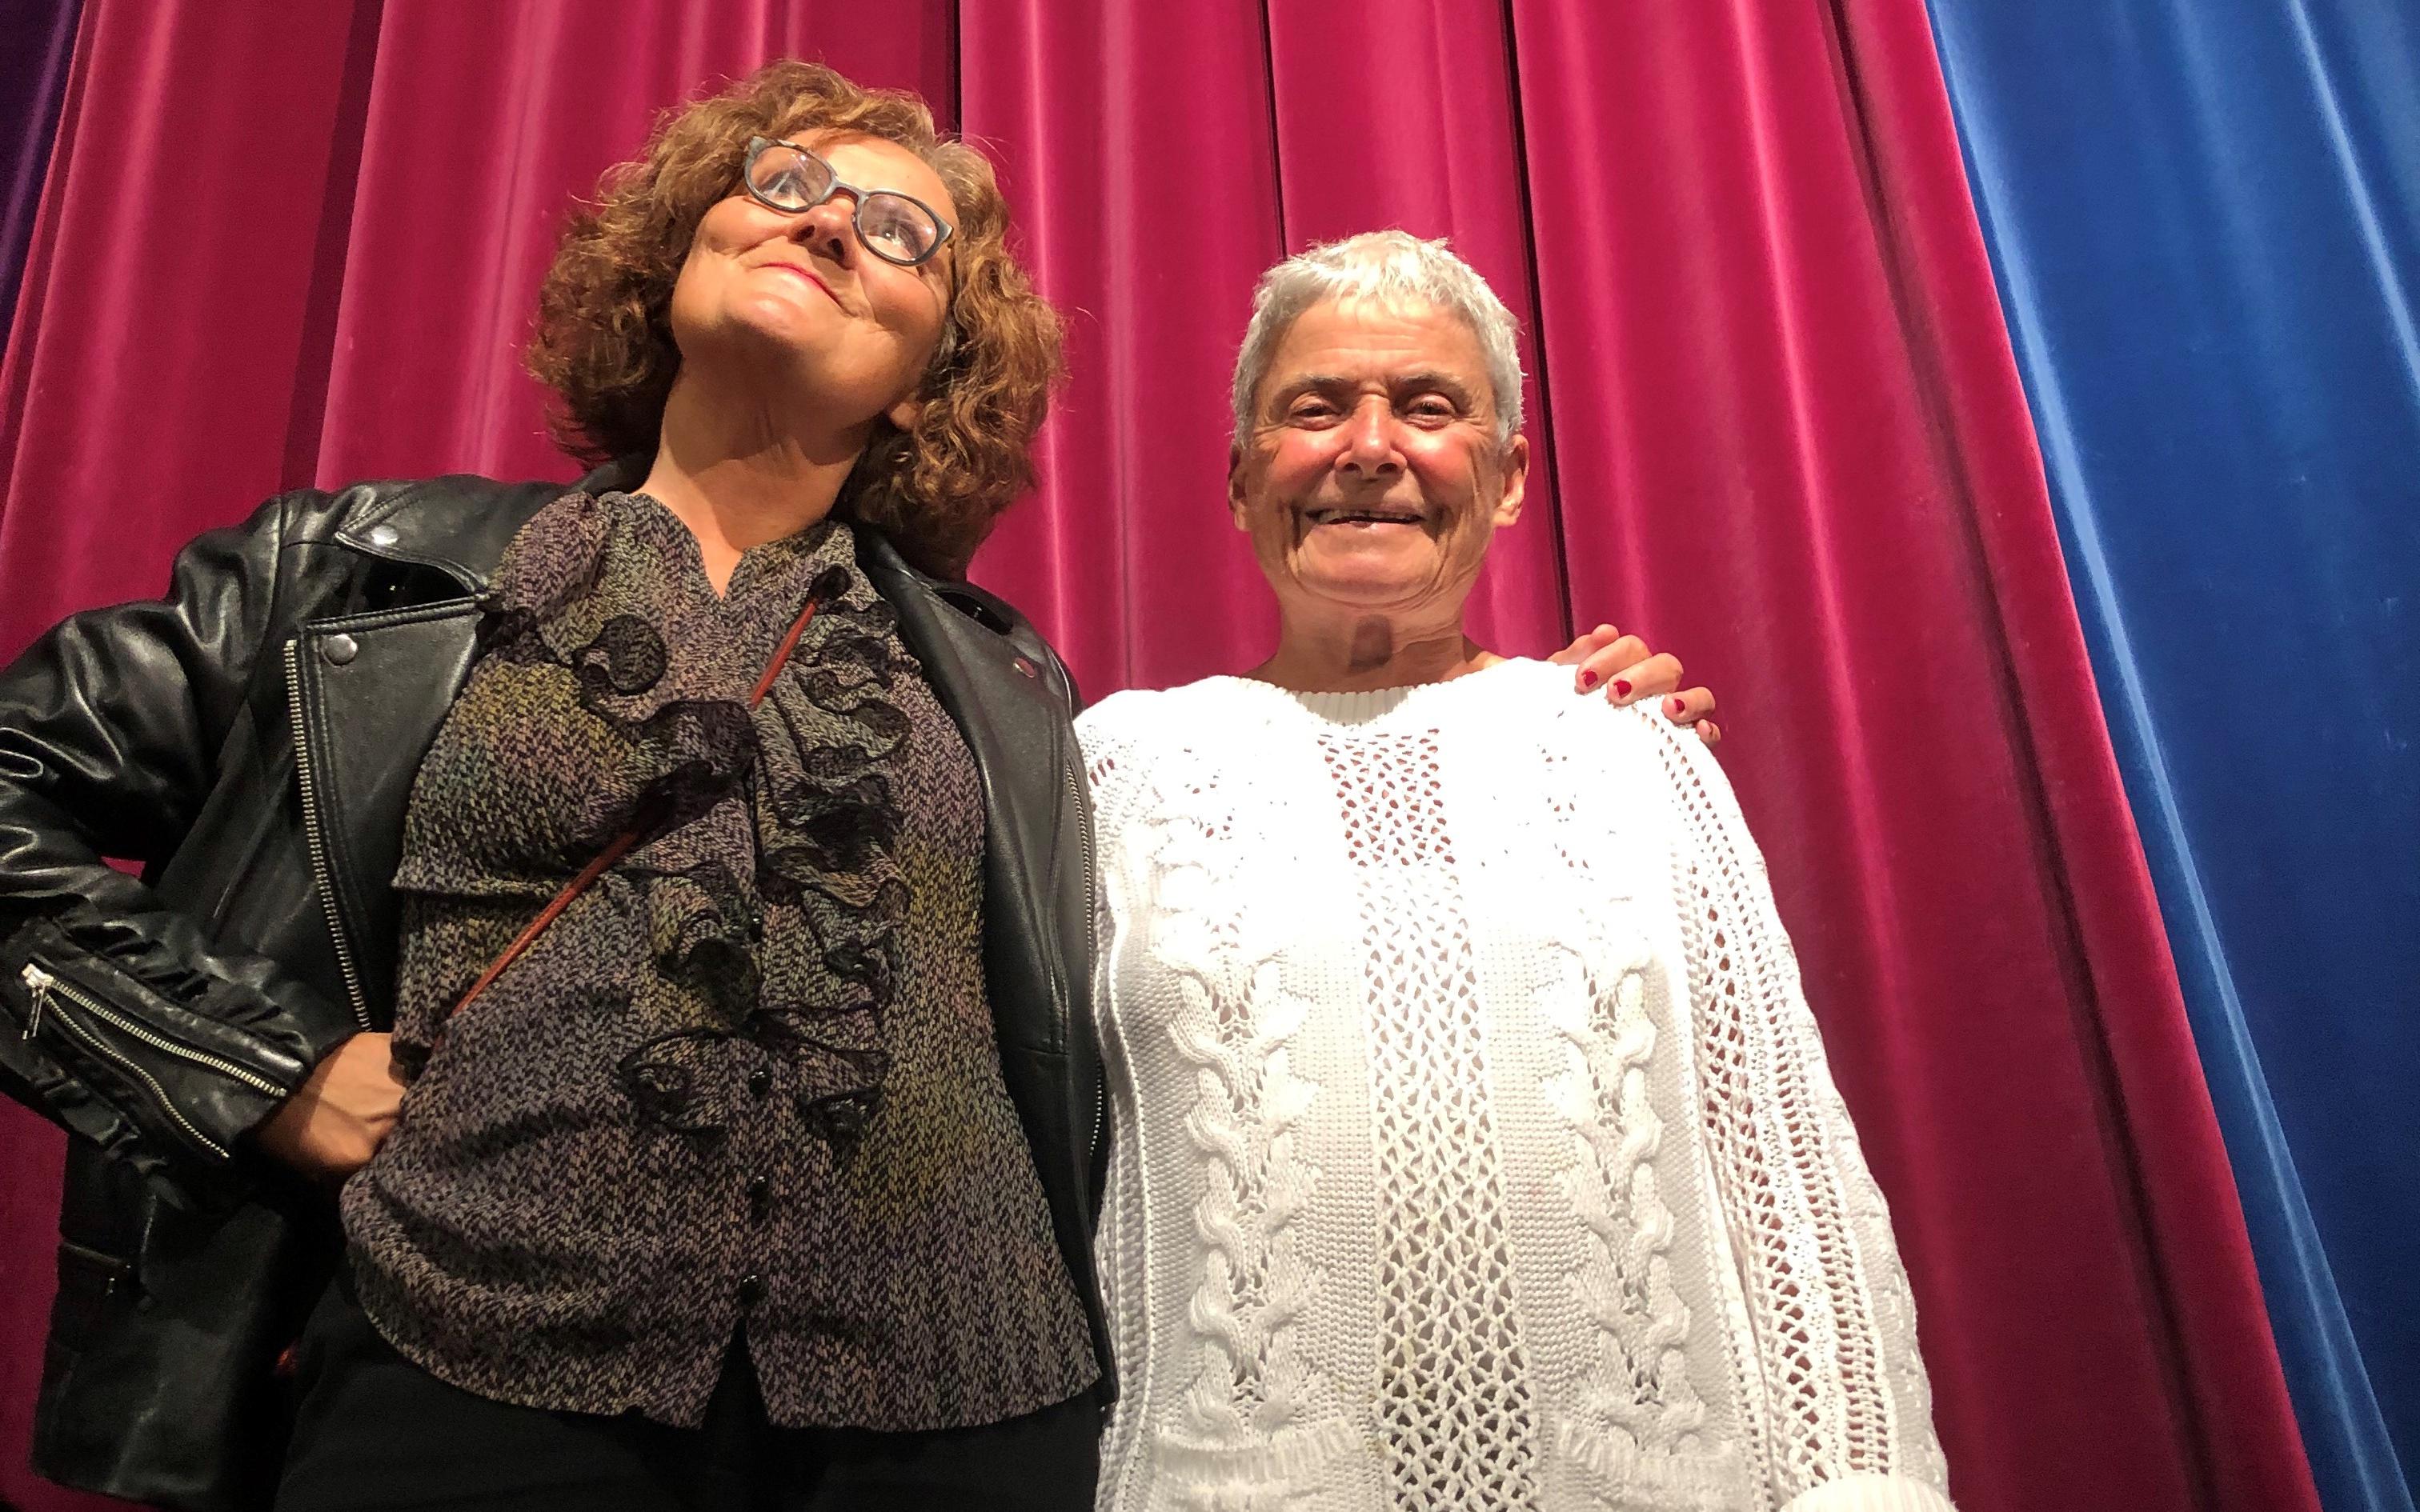 Ebba Witt-Brattström, och Maj Wechselmann står framför ett rödblått draperi i Folkets hus filmsalong